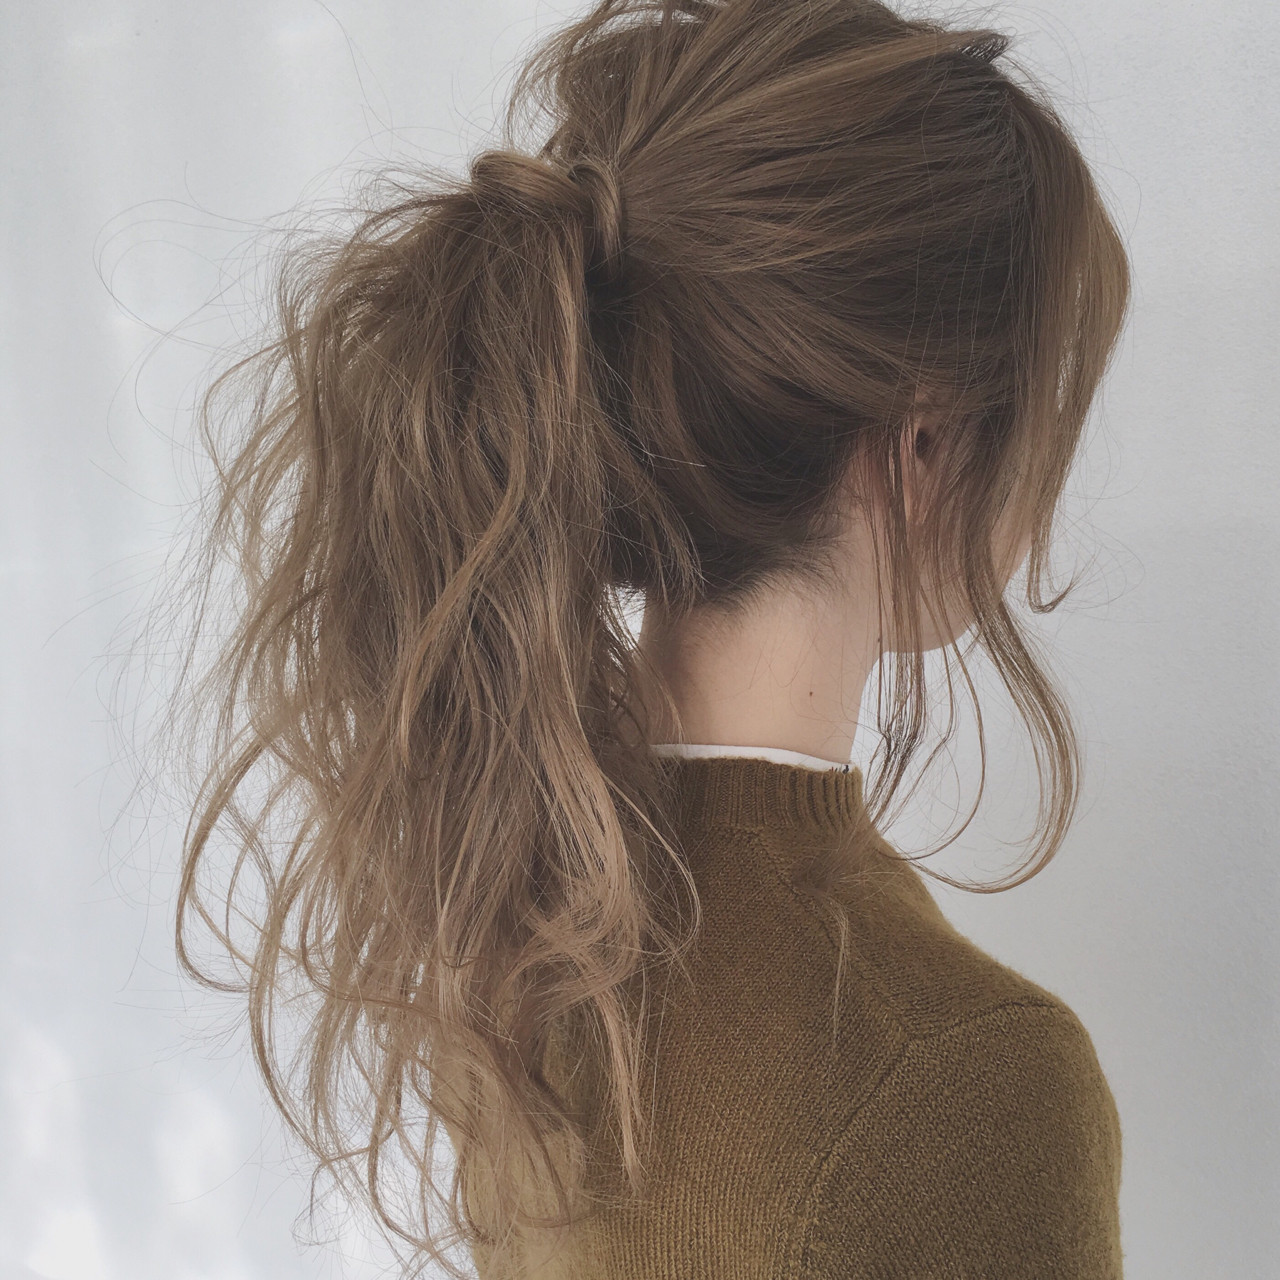 ショート ロング ヘアアレンジ ポニーテール ヘアスタイルや髪型の写真・画像 | 阿部 将明 / theBRIDGE